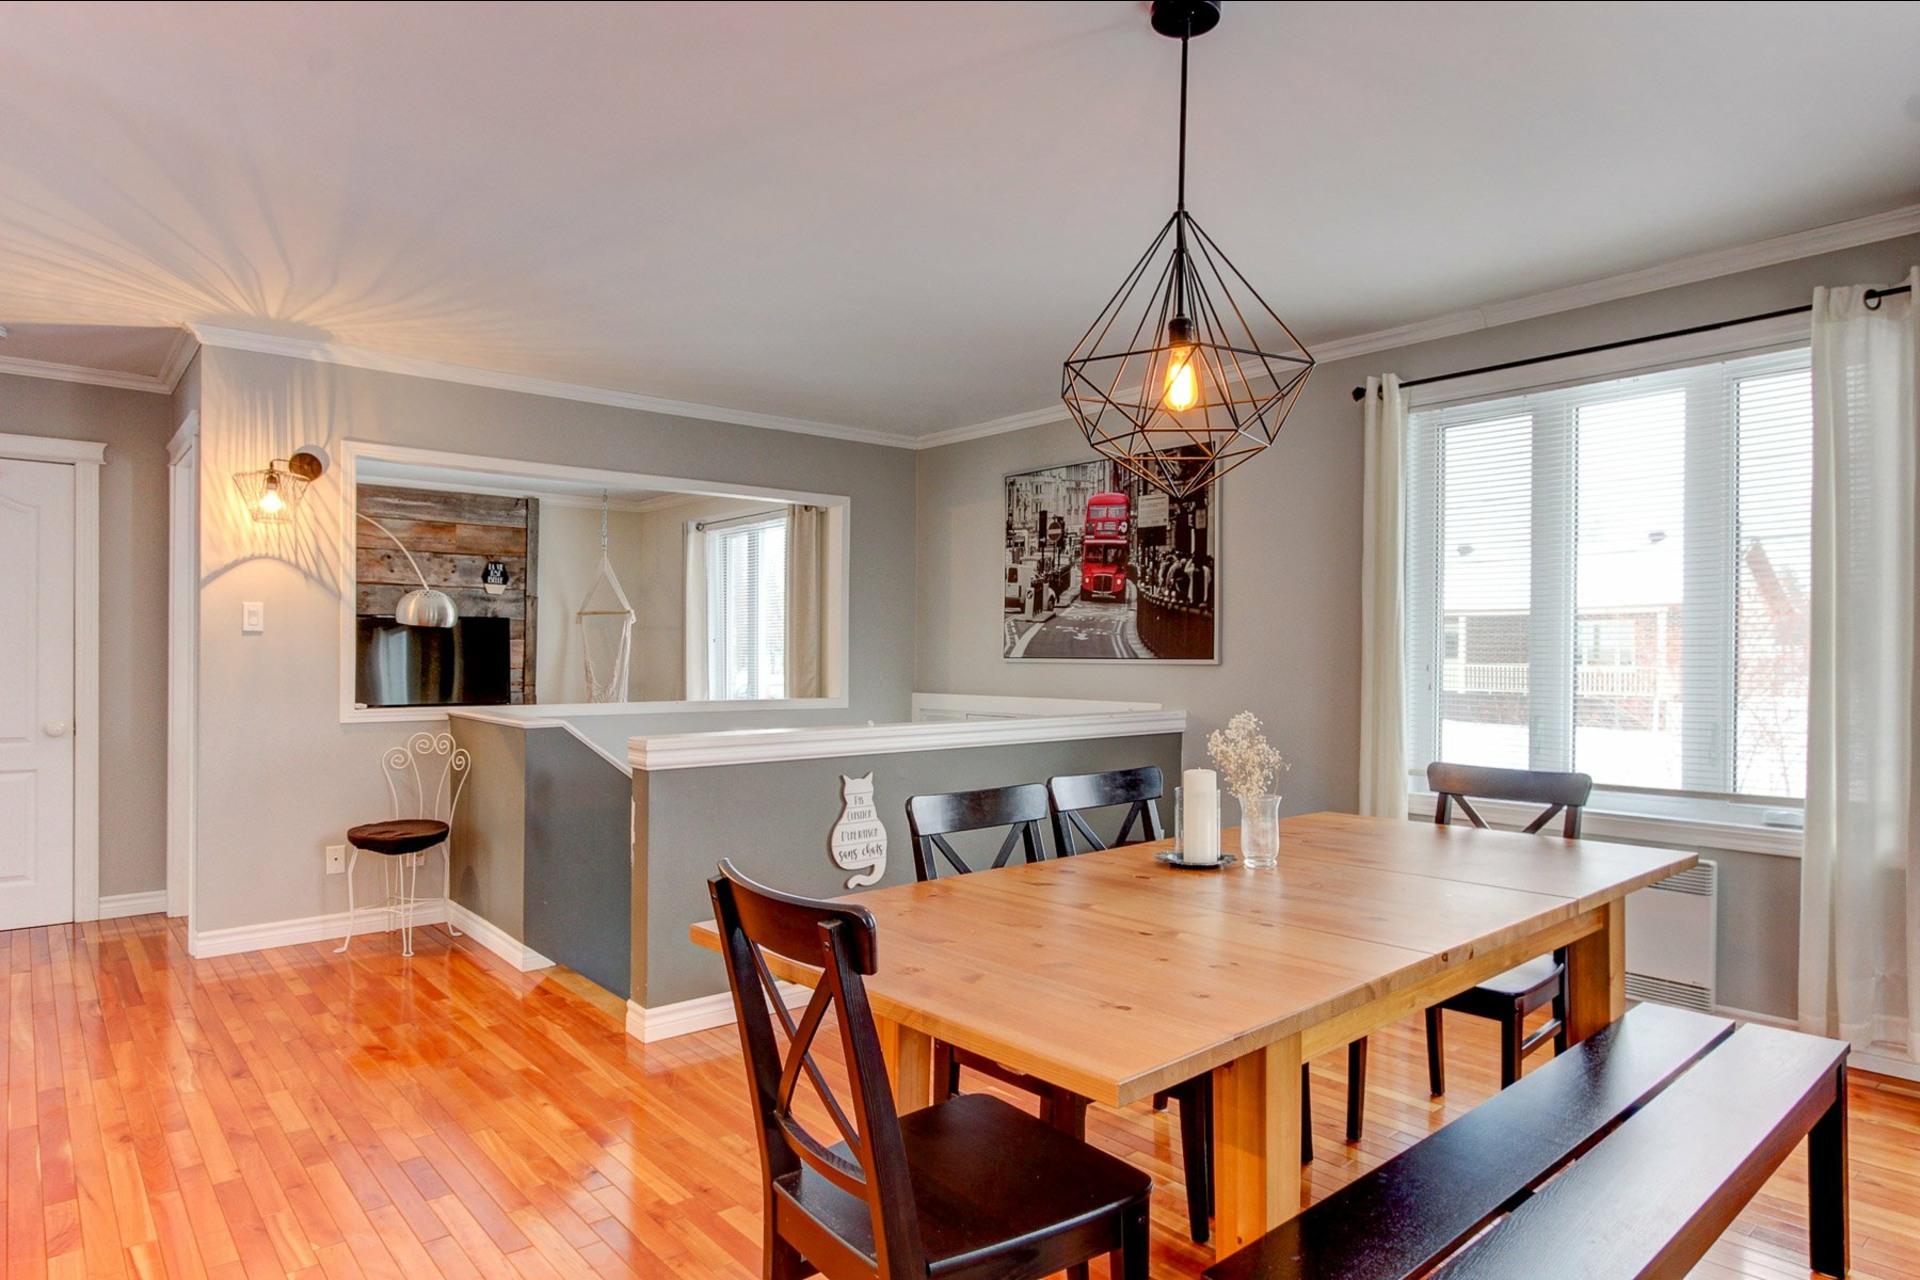 image 5 - House For sale Trois-Rivières - 9 rooms